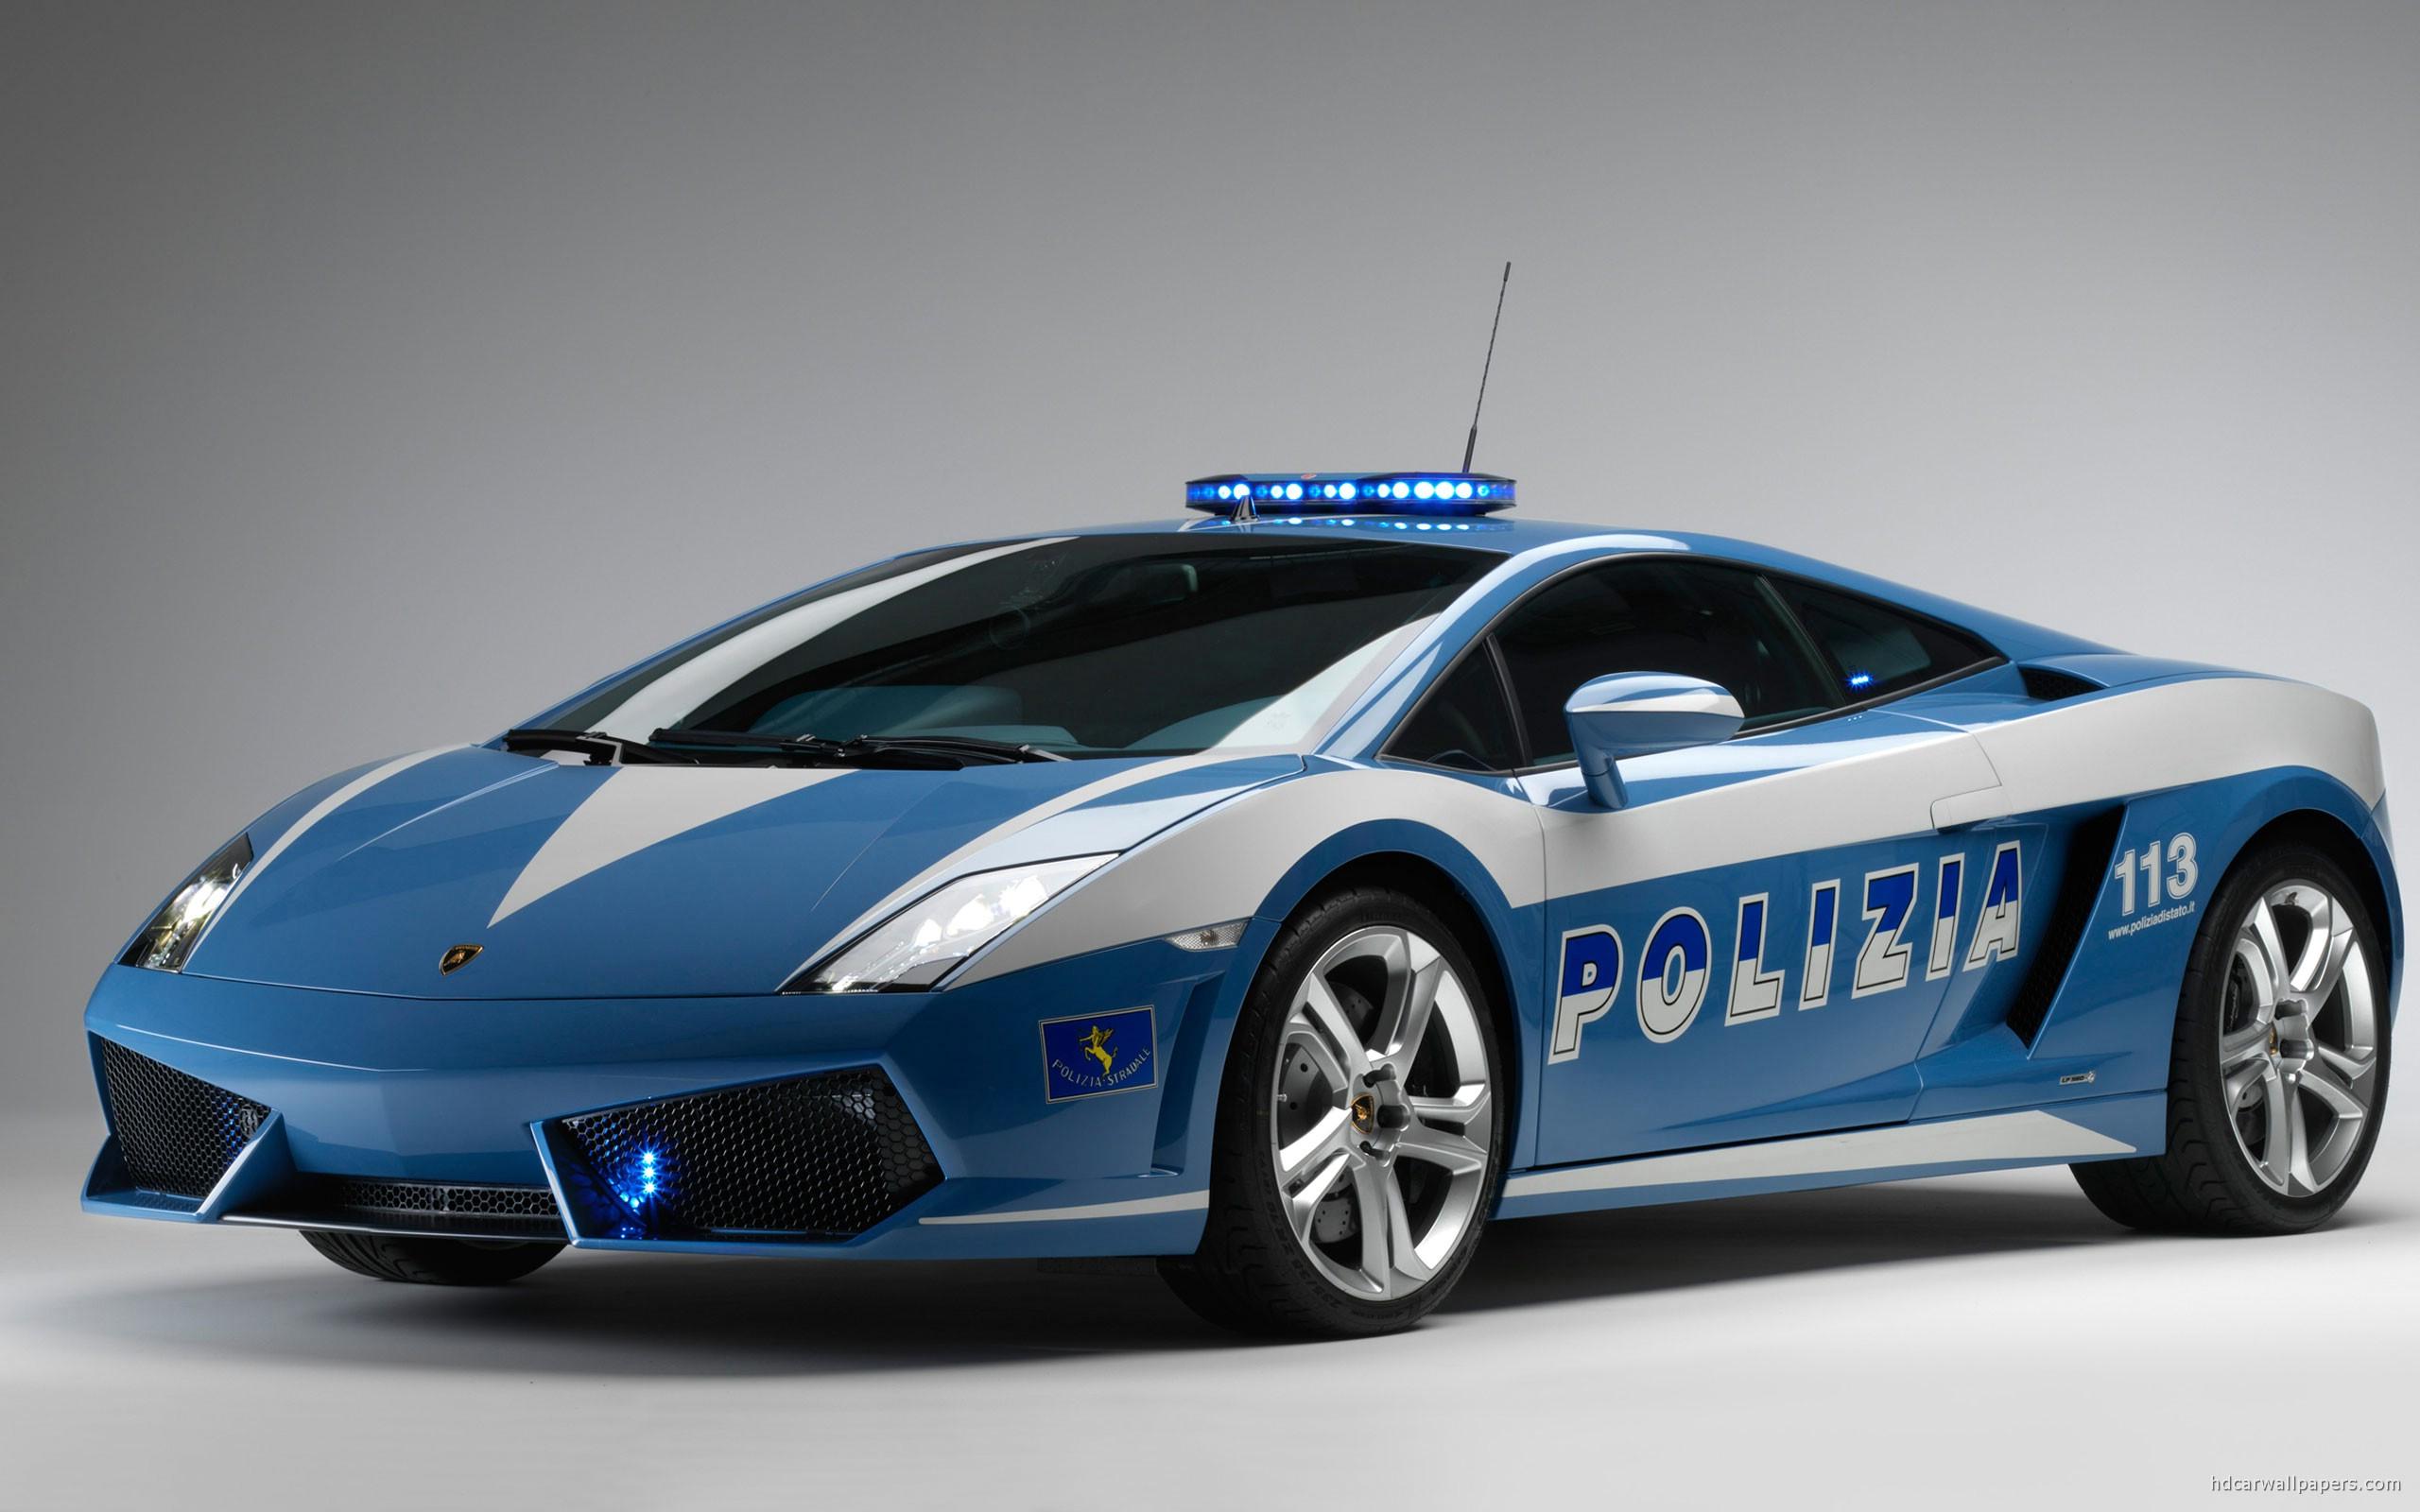 Hummer Car Lamborghini Italian Police Cars Hd 392980 Wallpaper Wallpaper